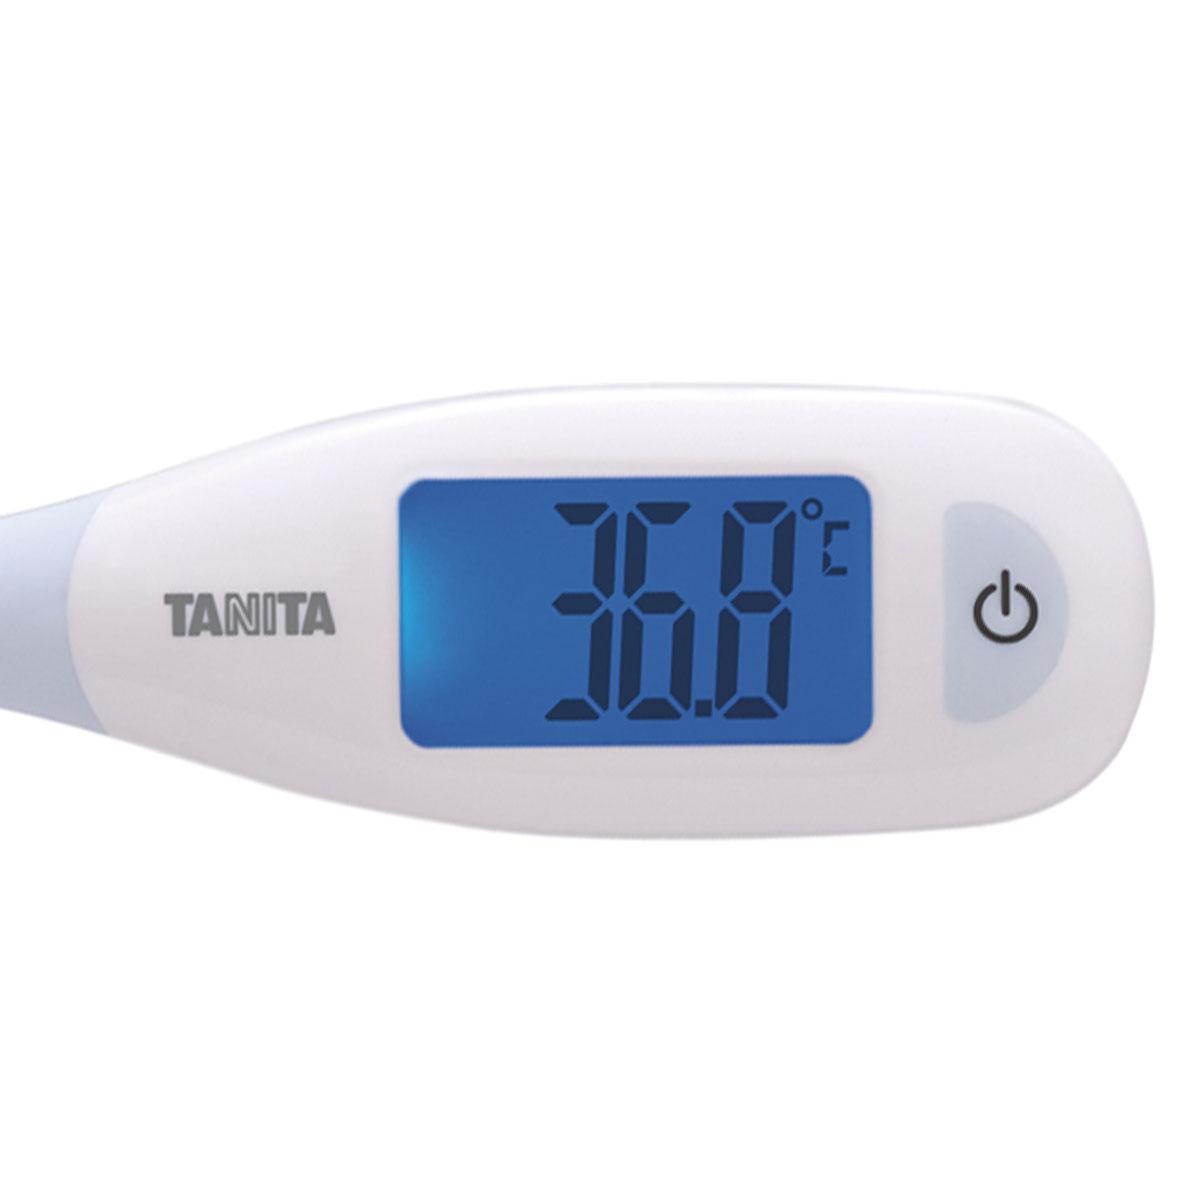 タニタ 電子体温計 わき専用 BT-470